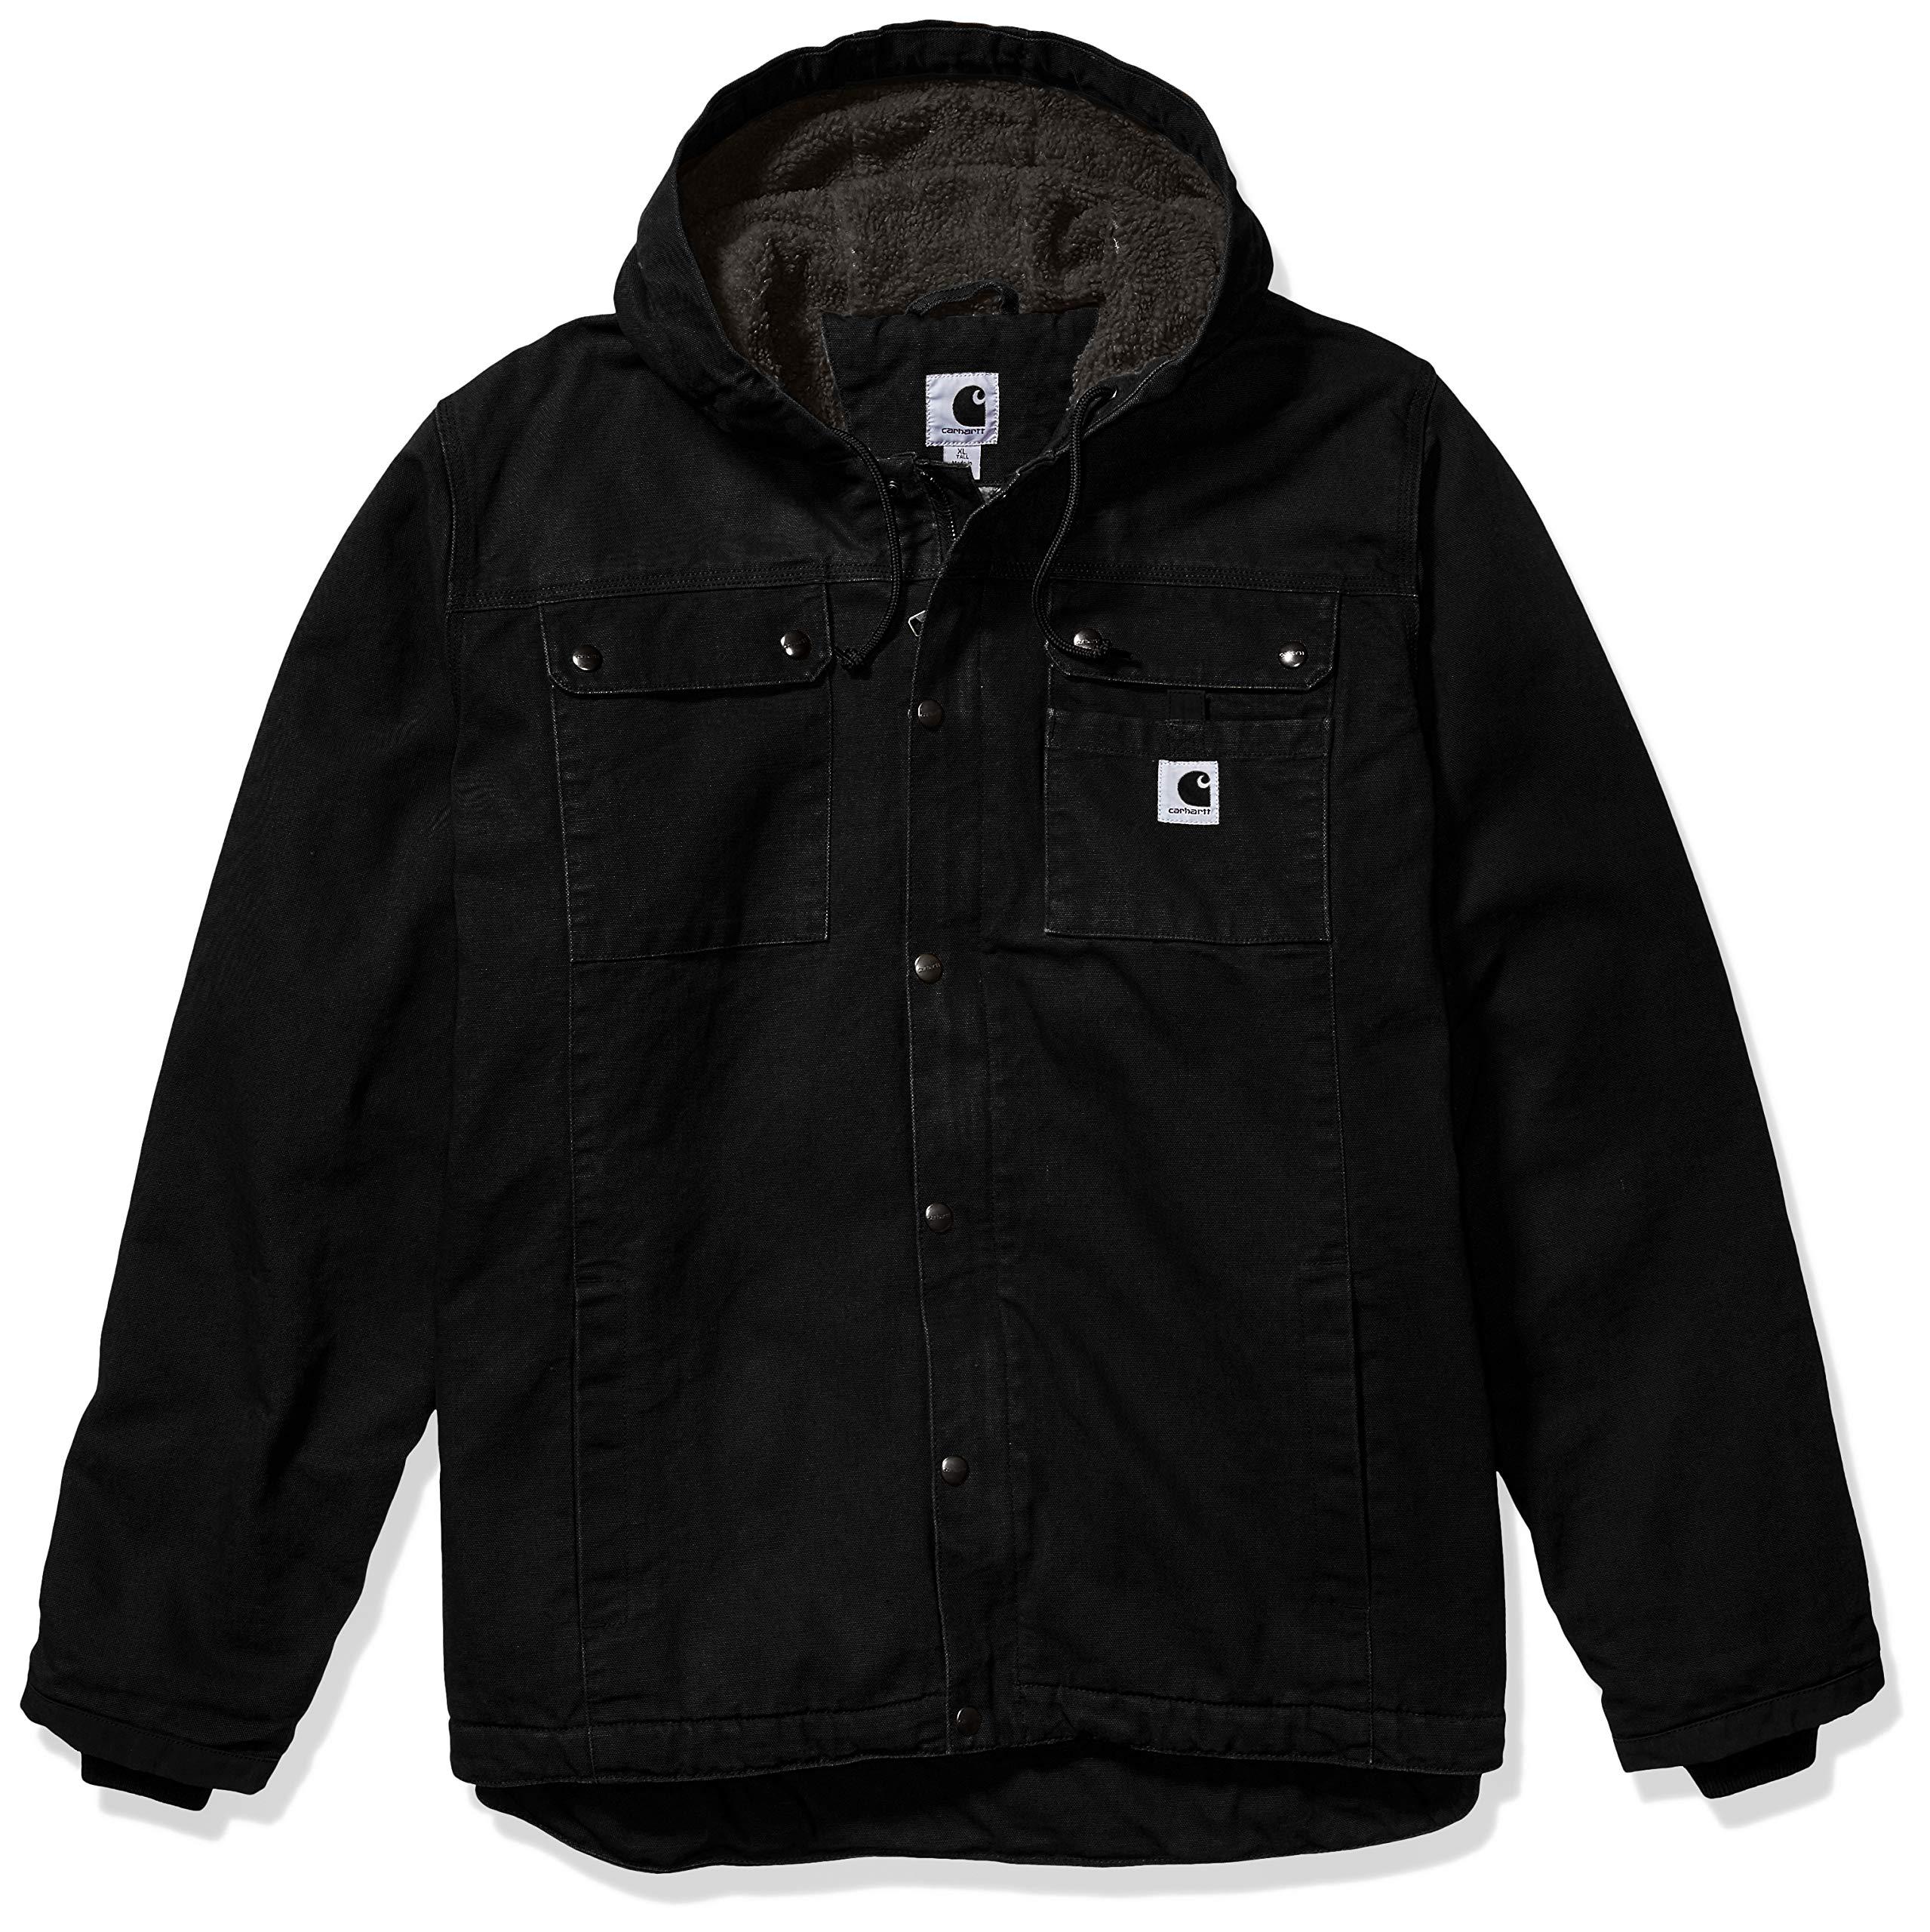 Carhartt Men's Bartlett Jacket (Regular and Big & Tall Sizes), Black, Medium by Carhartt